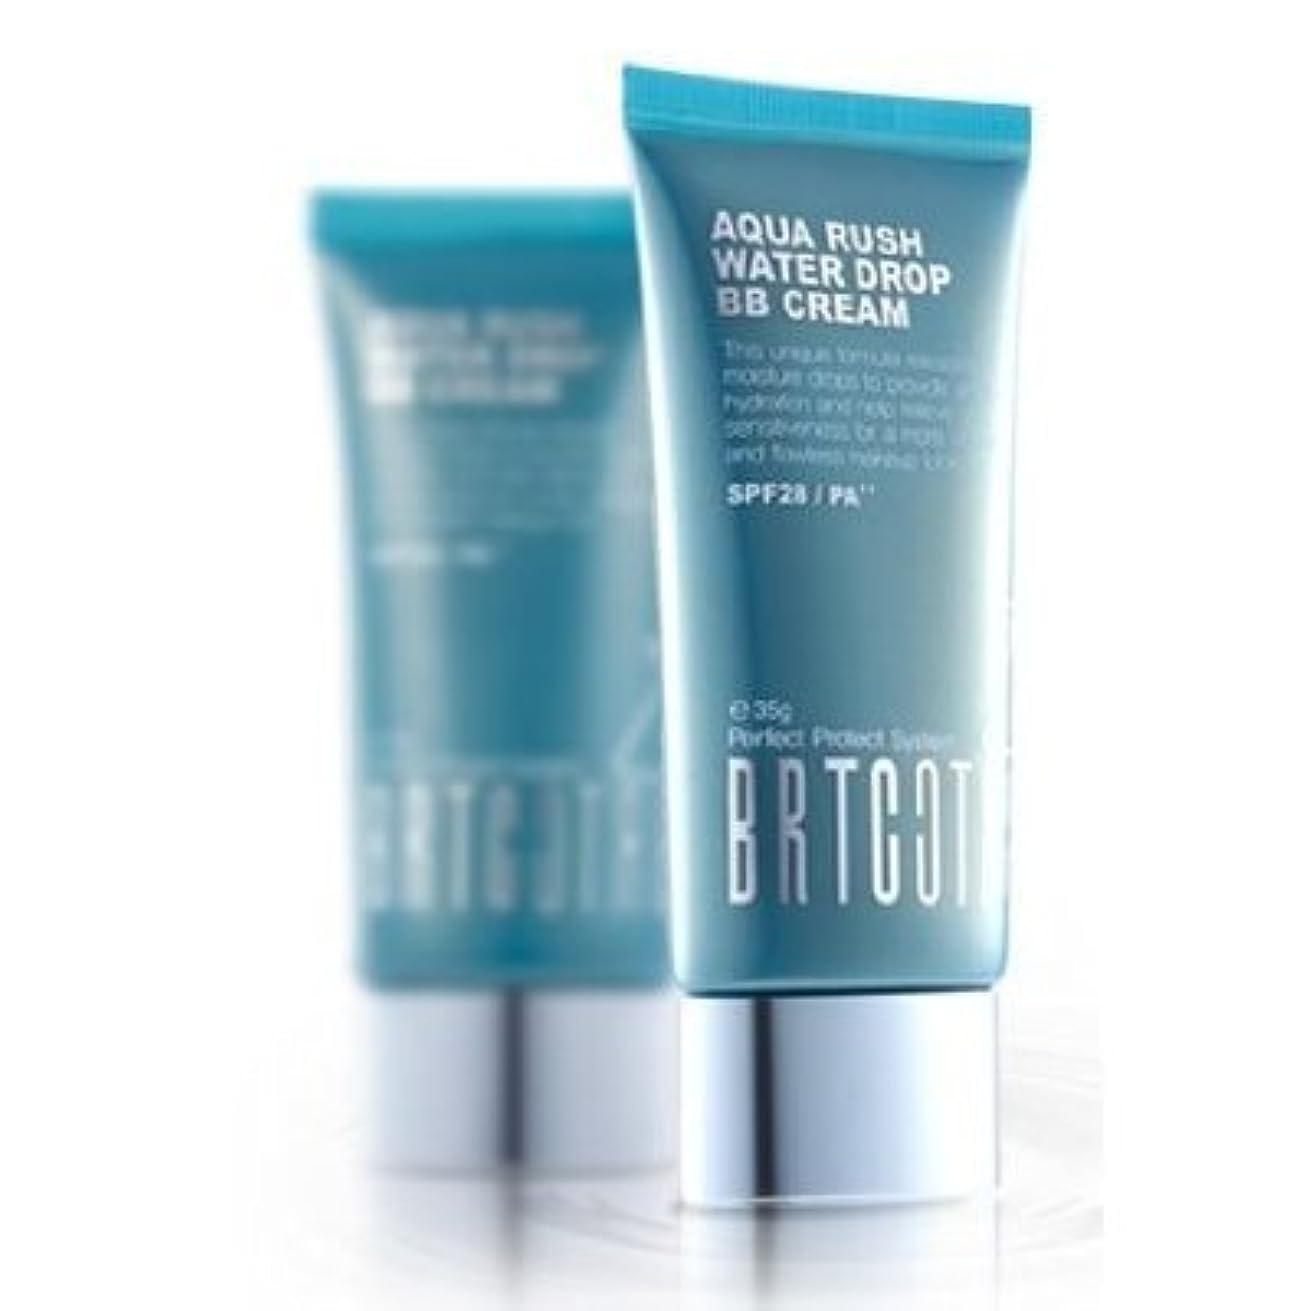 かご春選択するKOREAN COSMETICS, BRTC, Aqua Rush Water Drop BB Cream 60g (intensive moisturizing, skin tone correction, UV protection...